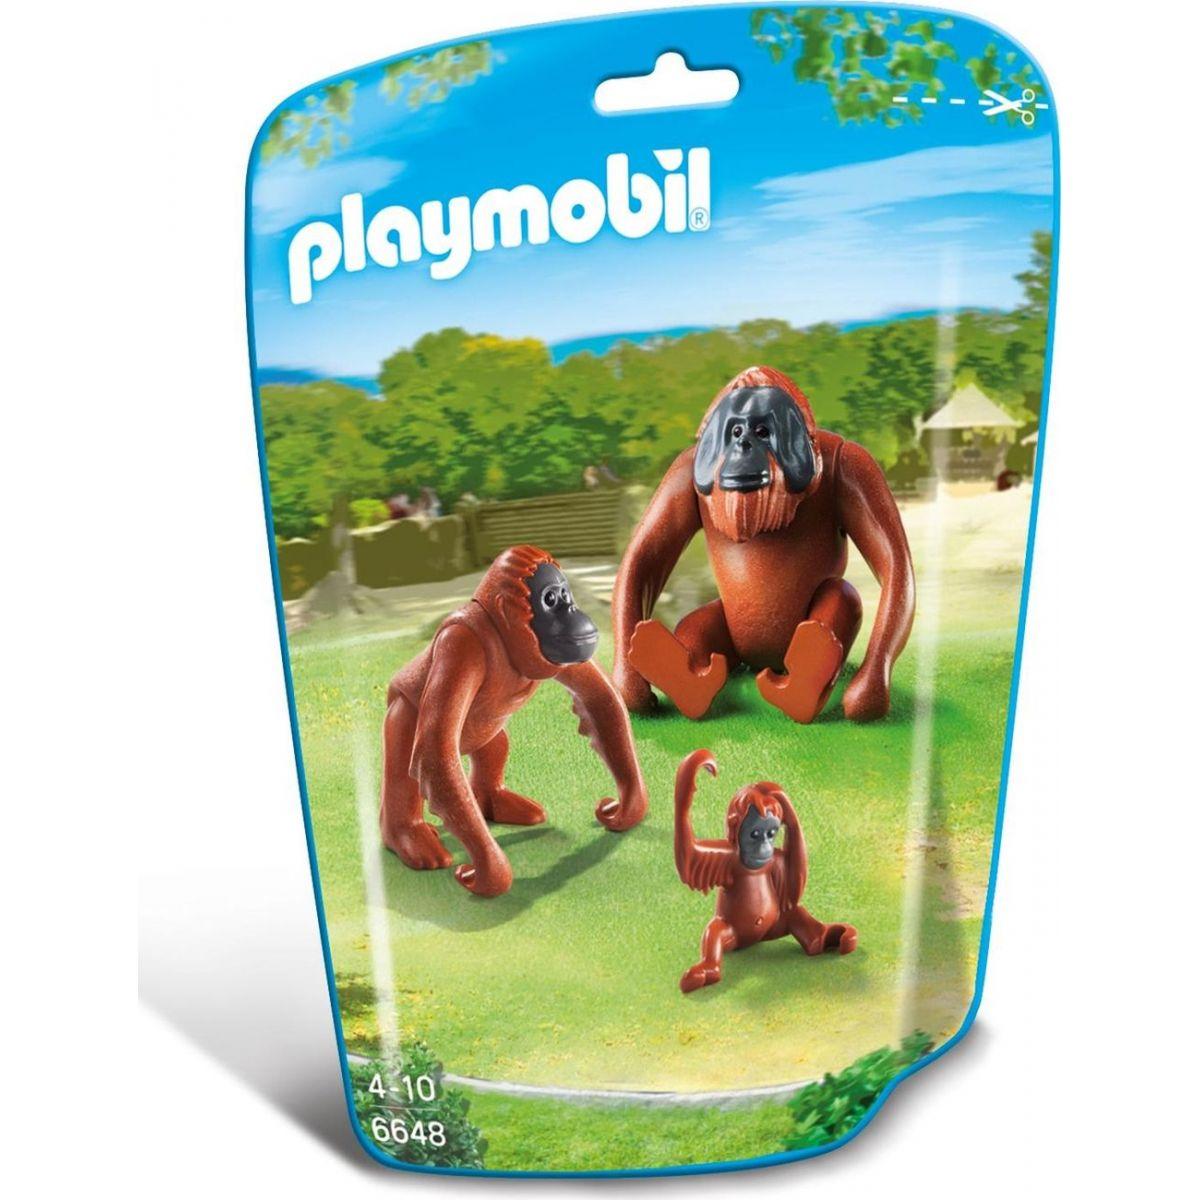 Playmobil 6648 Rodina orangutanov